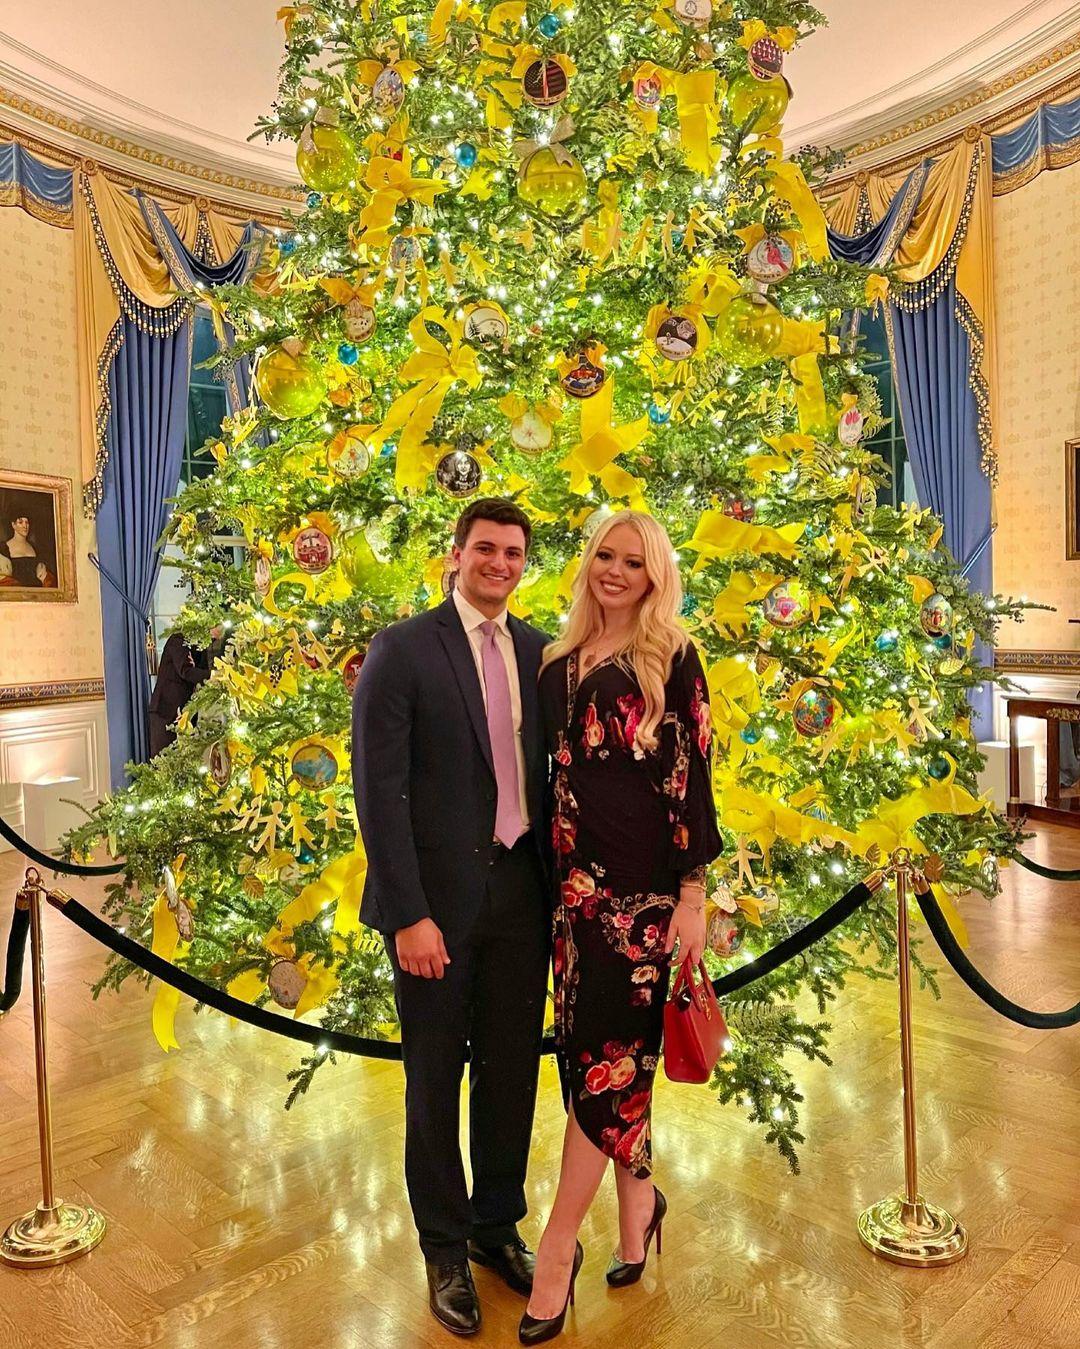 Младшая дочь Дональда Трампа Тиффани выходит замуж